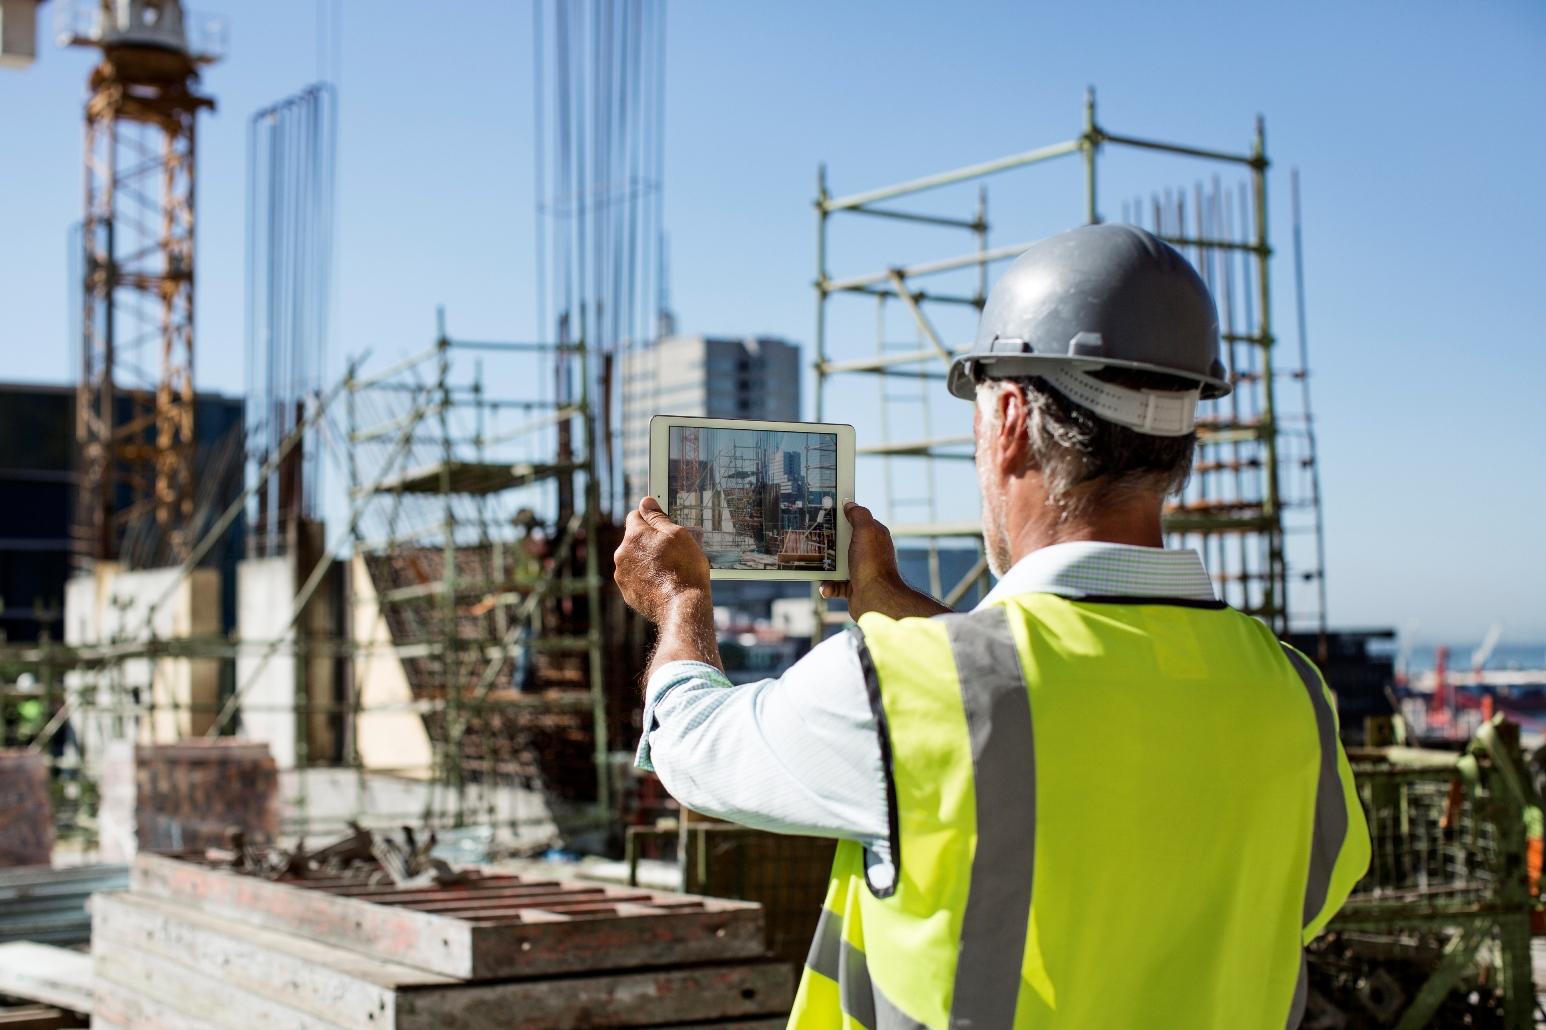 Pesquisa aponta cenários para a indústria da construção no Brasil nos próximos anos e orienta empreendedores